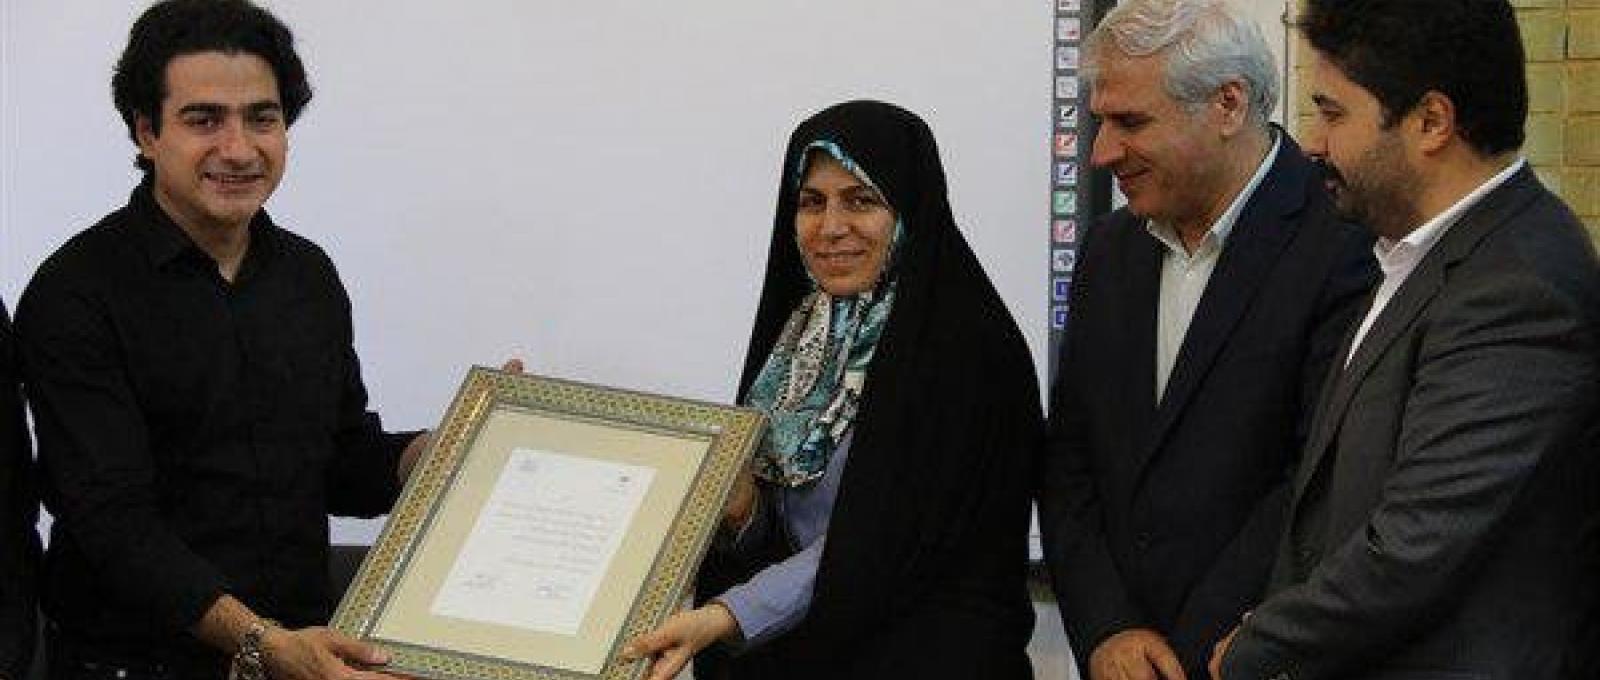 لوح ثبت ملی دعای مشهور به «ربّنا» با اجرای محمدرضا شجریان